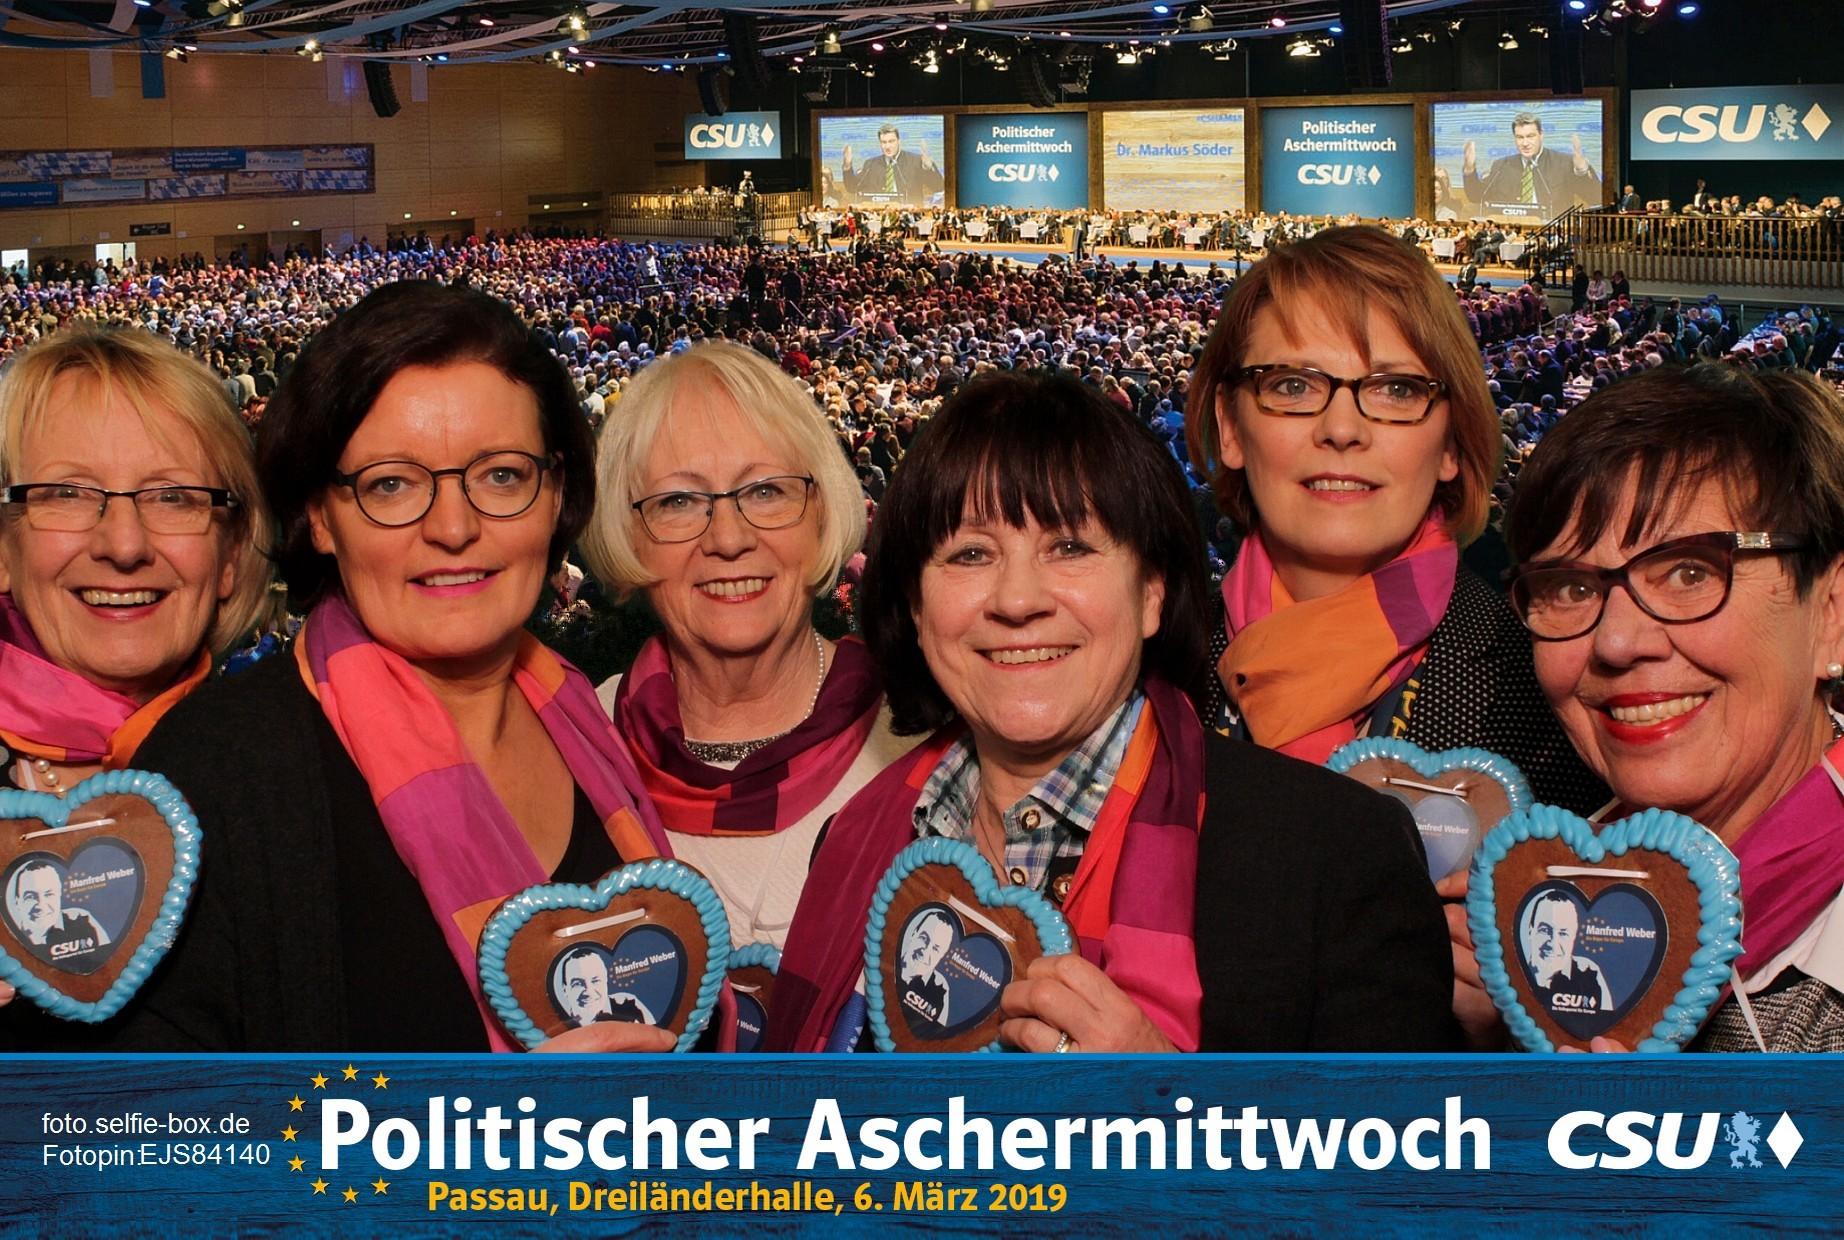 FU Frauen Union Peine beim Politischen Aschermittwoch in Passau